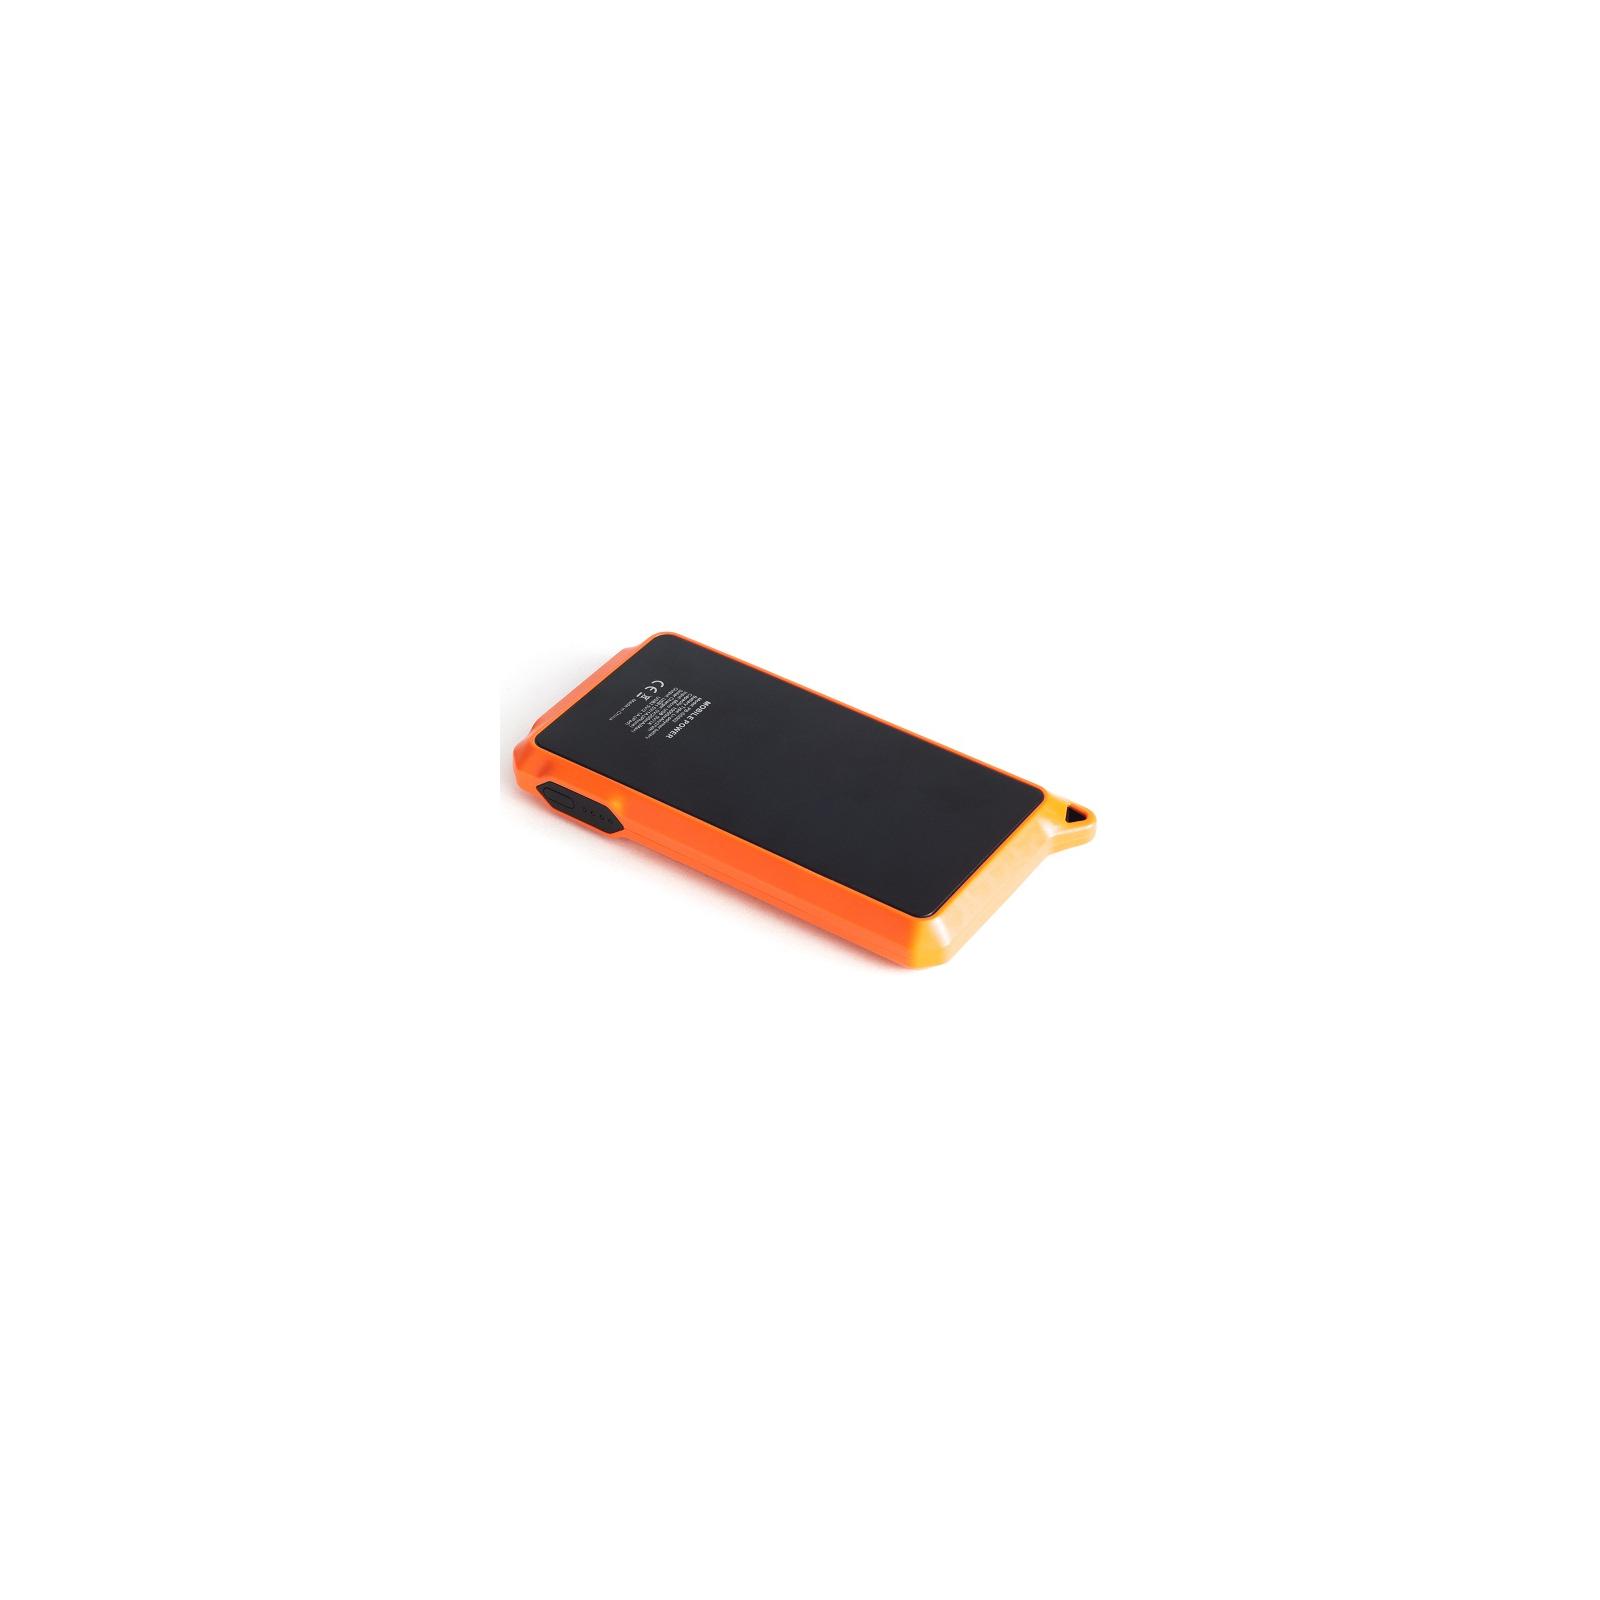 Батарея универсальная PowerPlant PB-SS002 10000mAh (PB-SS002) изображение 3